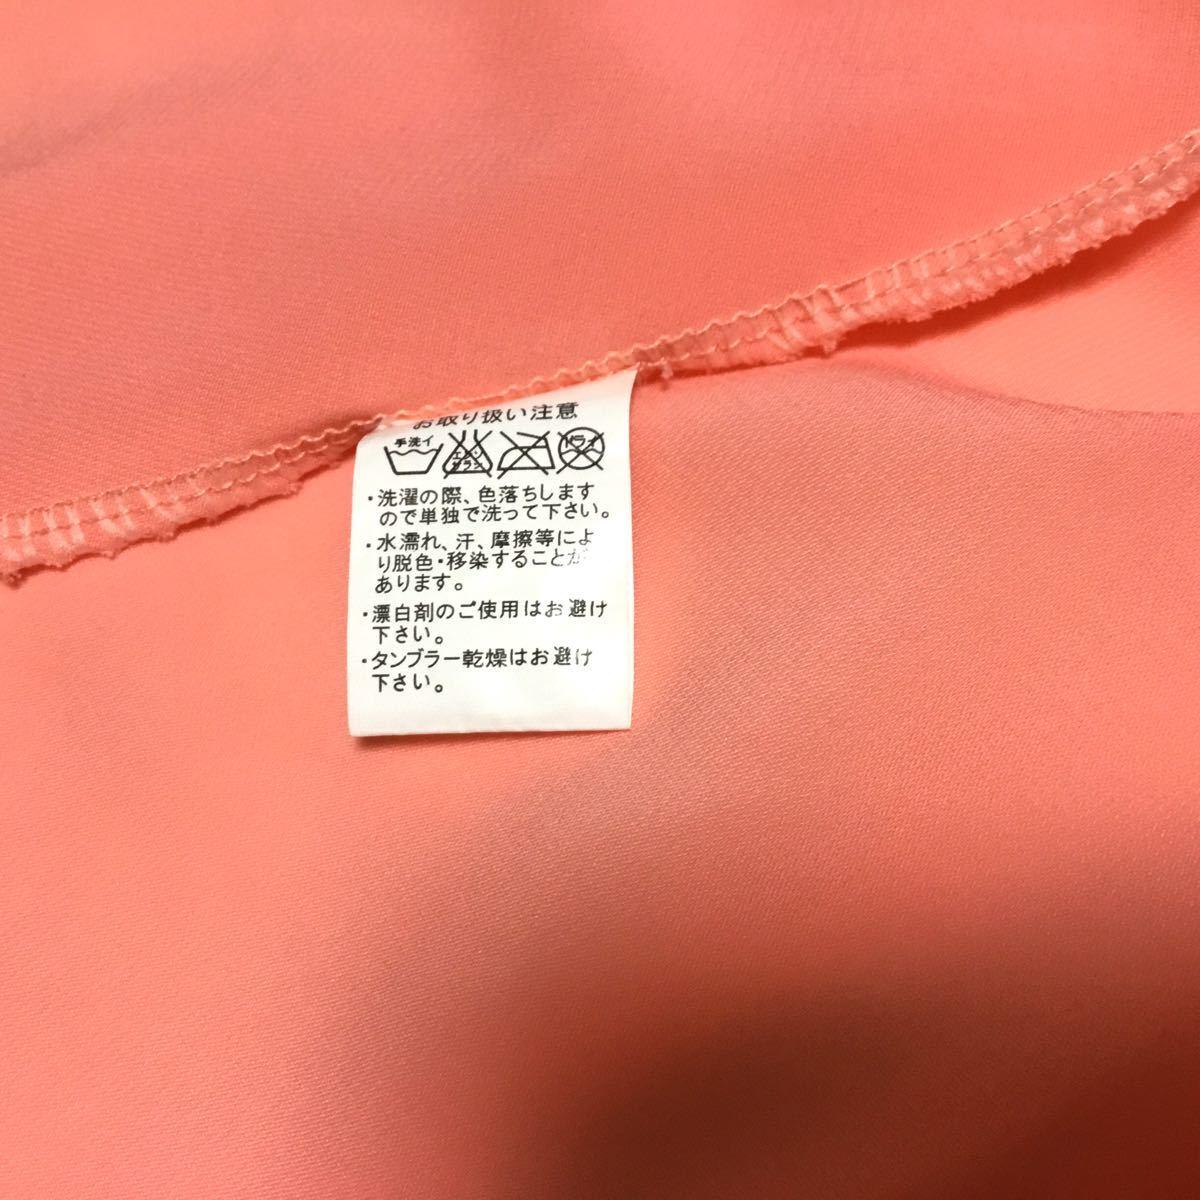 ノースリーブ Aライン シャツ トップス オレンジ色 M〜L シースルー